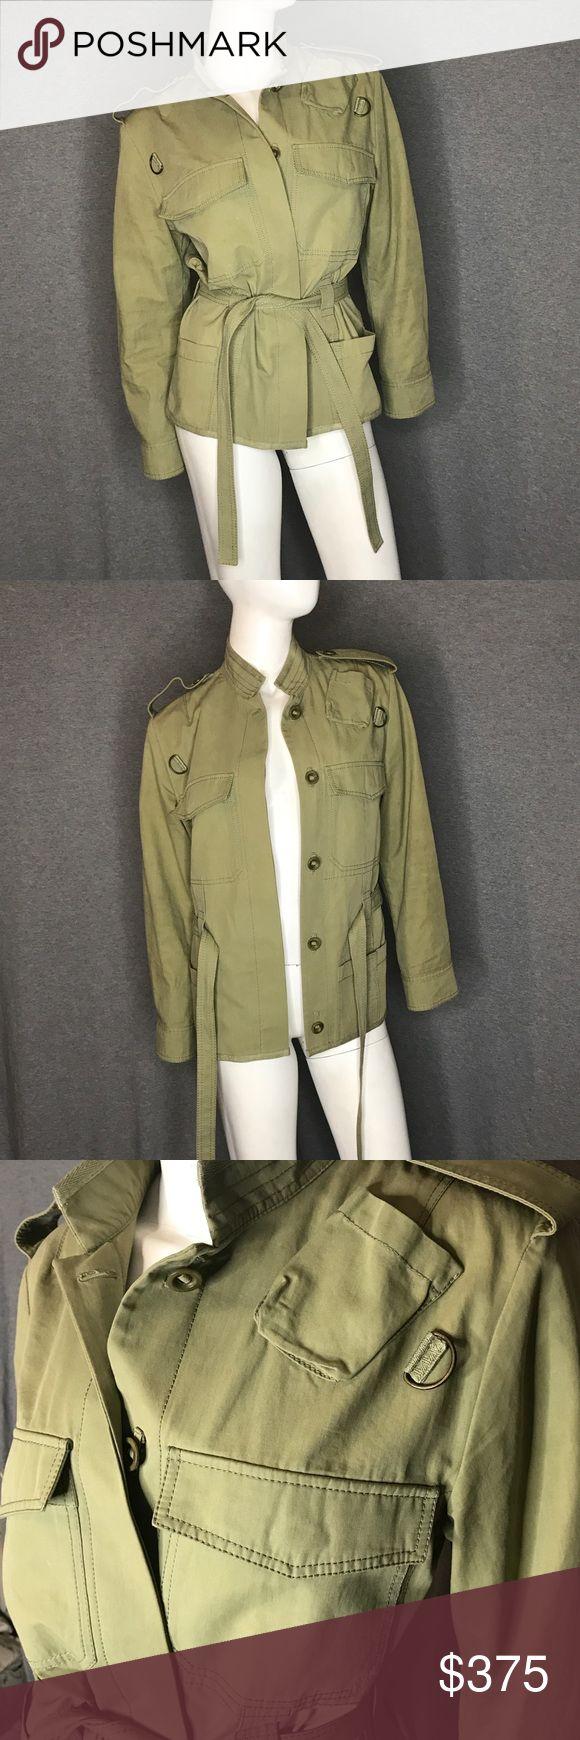 ALEXANDER MCQUEEN Army Pocket Coat Size: 8 ALEXANDER MCQUEEN Army Coat Size: 8 Alexander McQueen Jackets & Coats Pea Coats